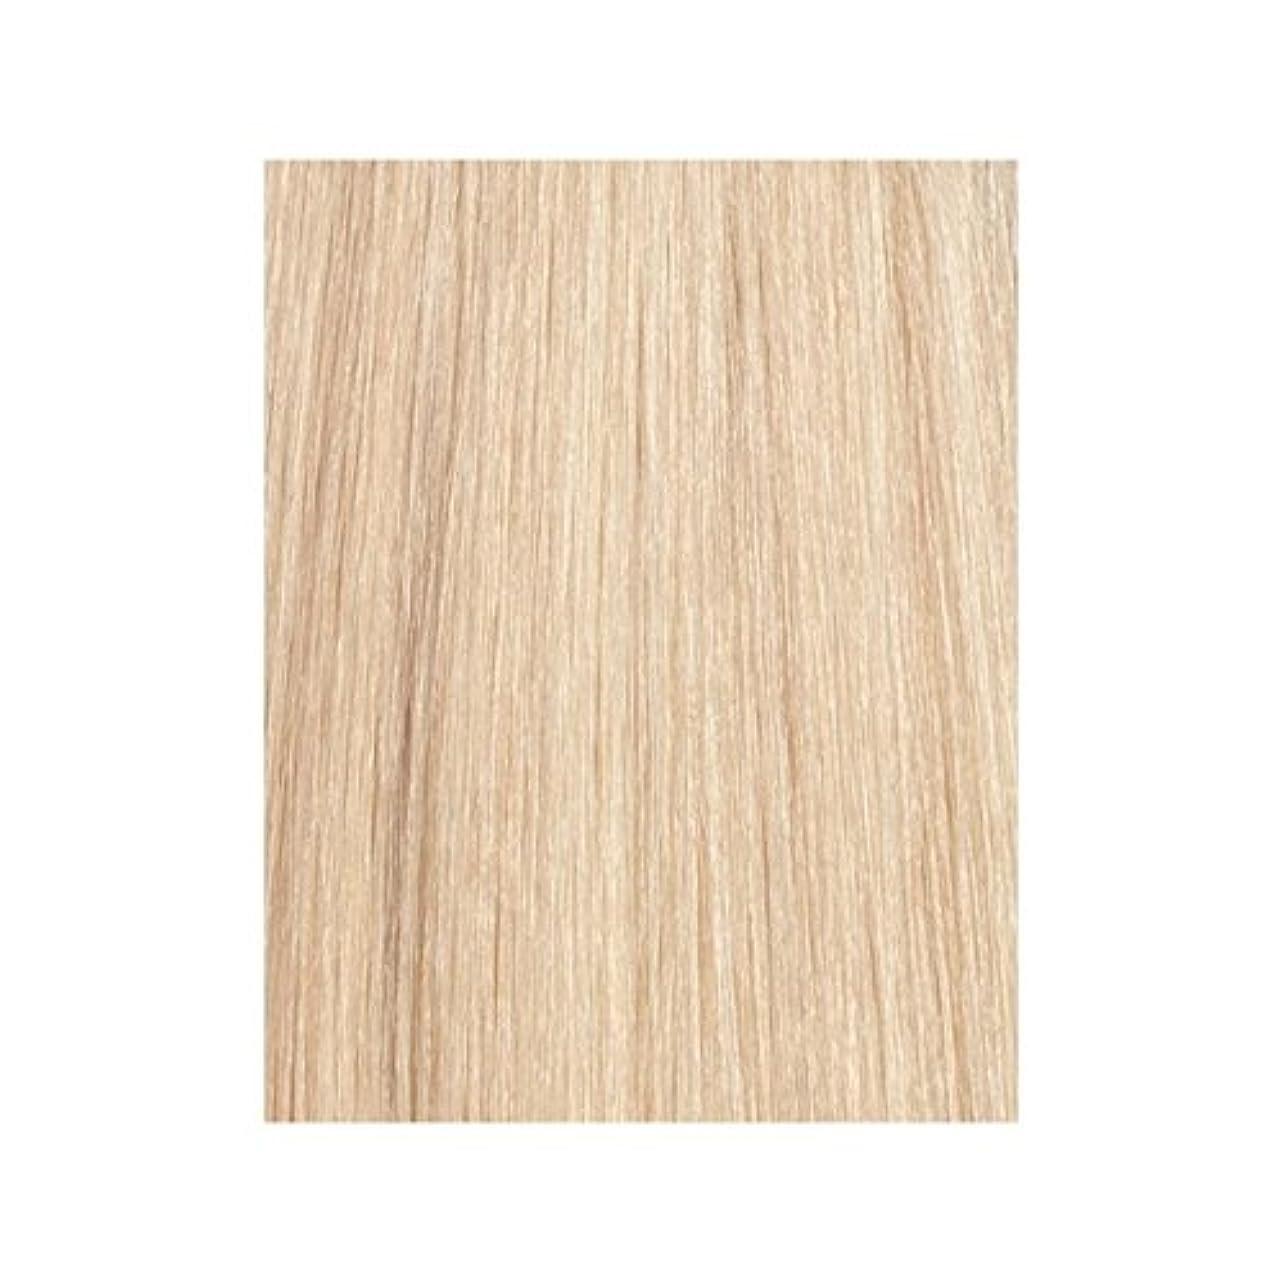 機関多様なペアBeauty Works 100% Remy Colour Swatch Hair Extension - La Blonde 613/24 - ラ?ブロンド24分の613 - 美しさは、100%レミーの色見本ヘアエクステンションの作品 [並行輸入品]